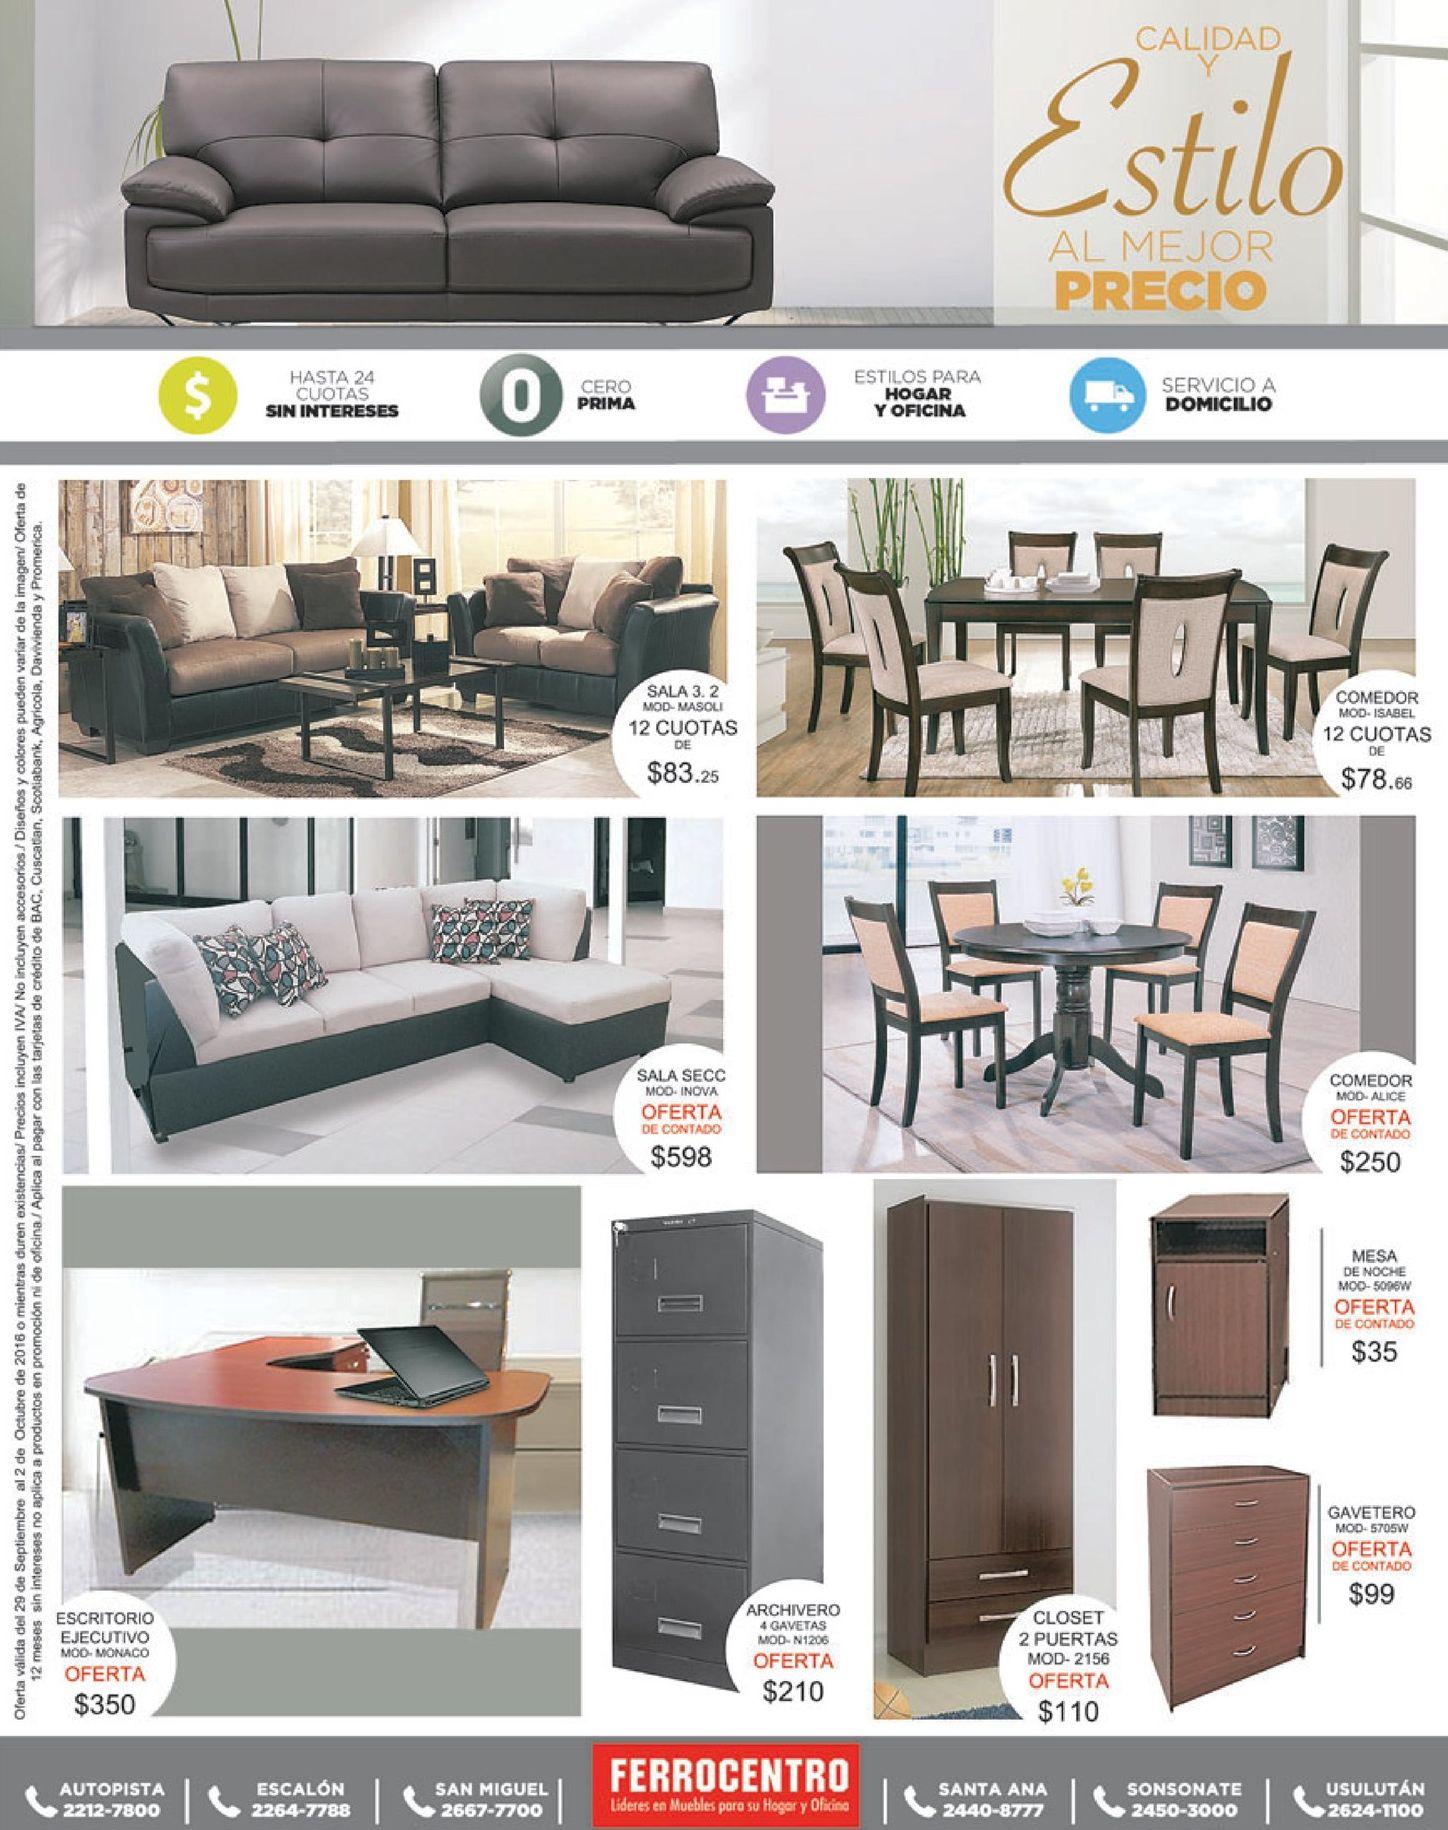 Muebles Y Precios Dise Os Arquitect Nicos Mimasku Com # Muebles Fomento